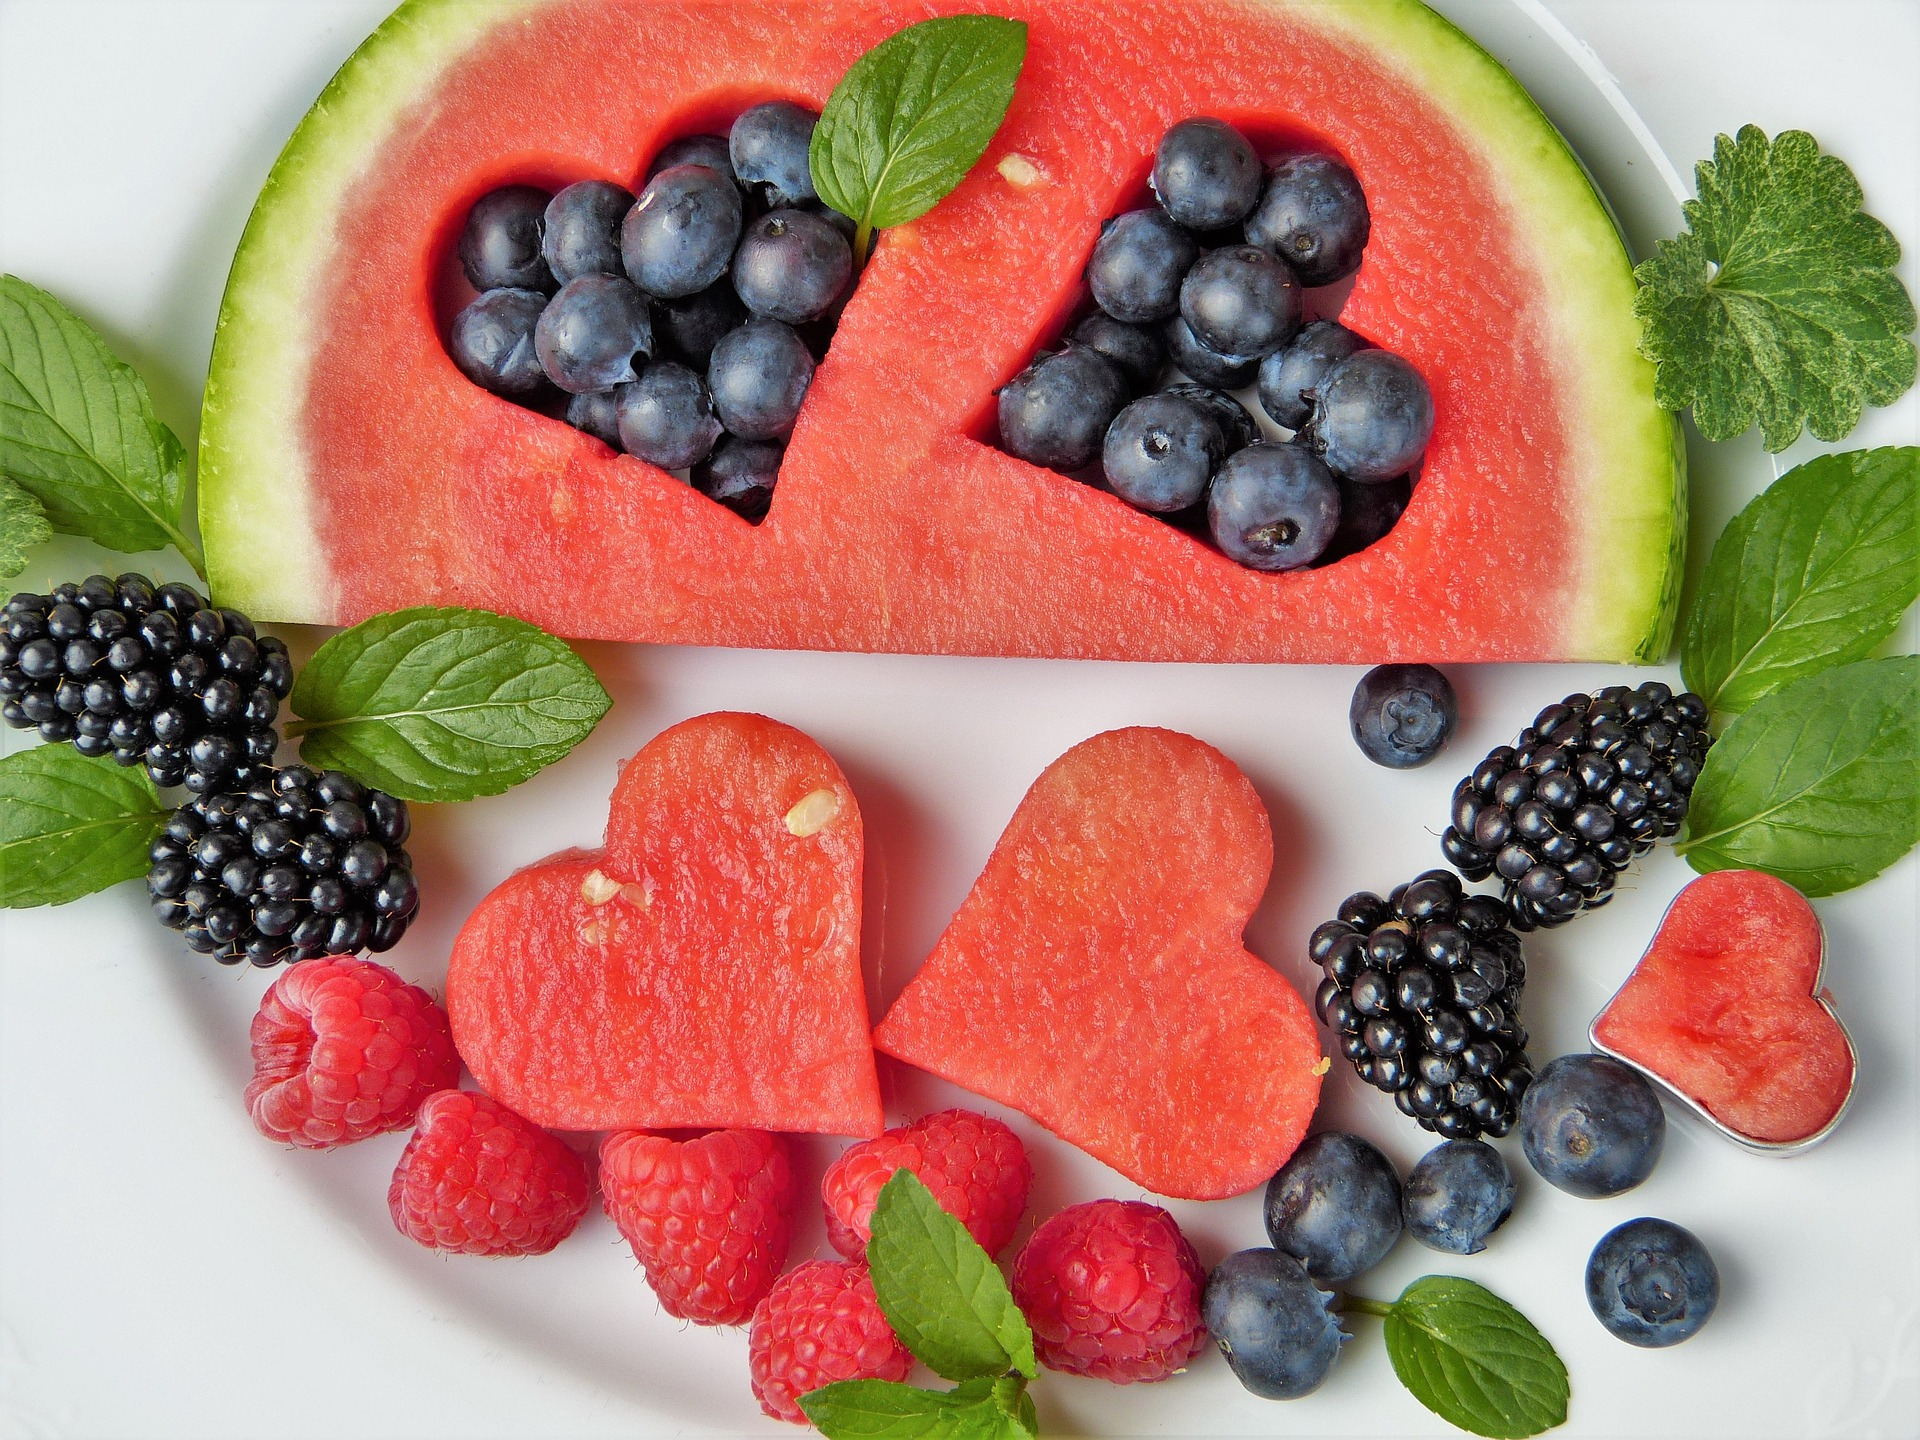 Vital Health Nutrition - Mindful Eating Workshop